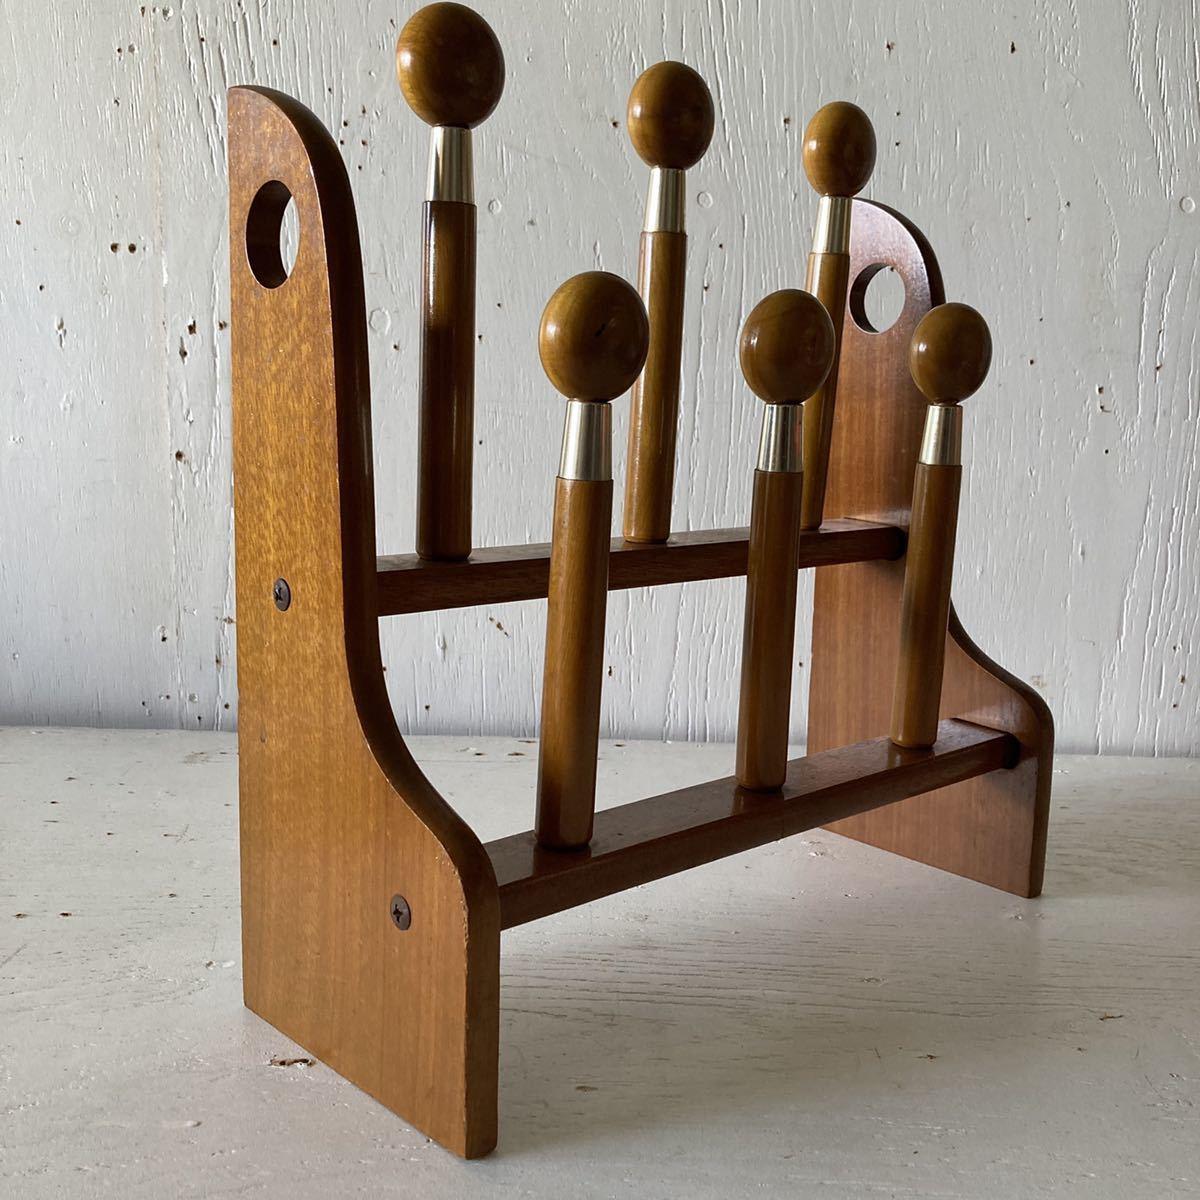 昭和レトロ スリッパラック インテリア ビンテージ 古道具 ディスプレイ 店舗什器 70年代 _画像1